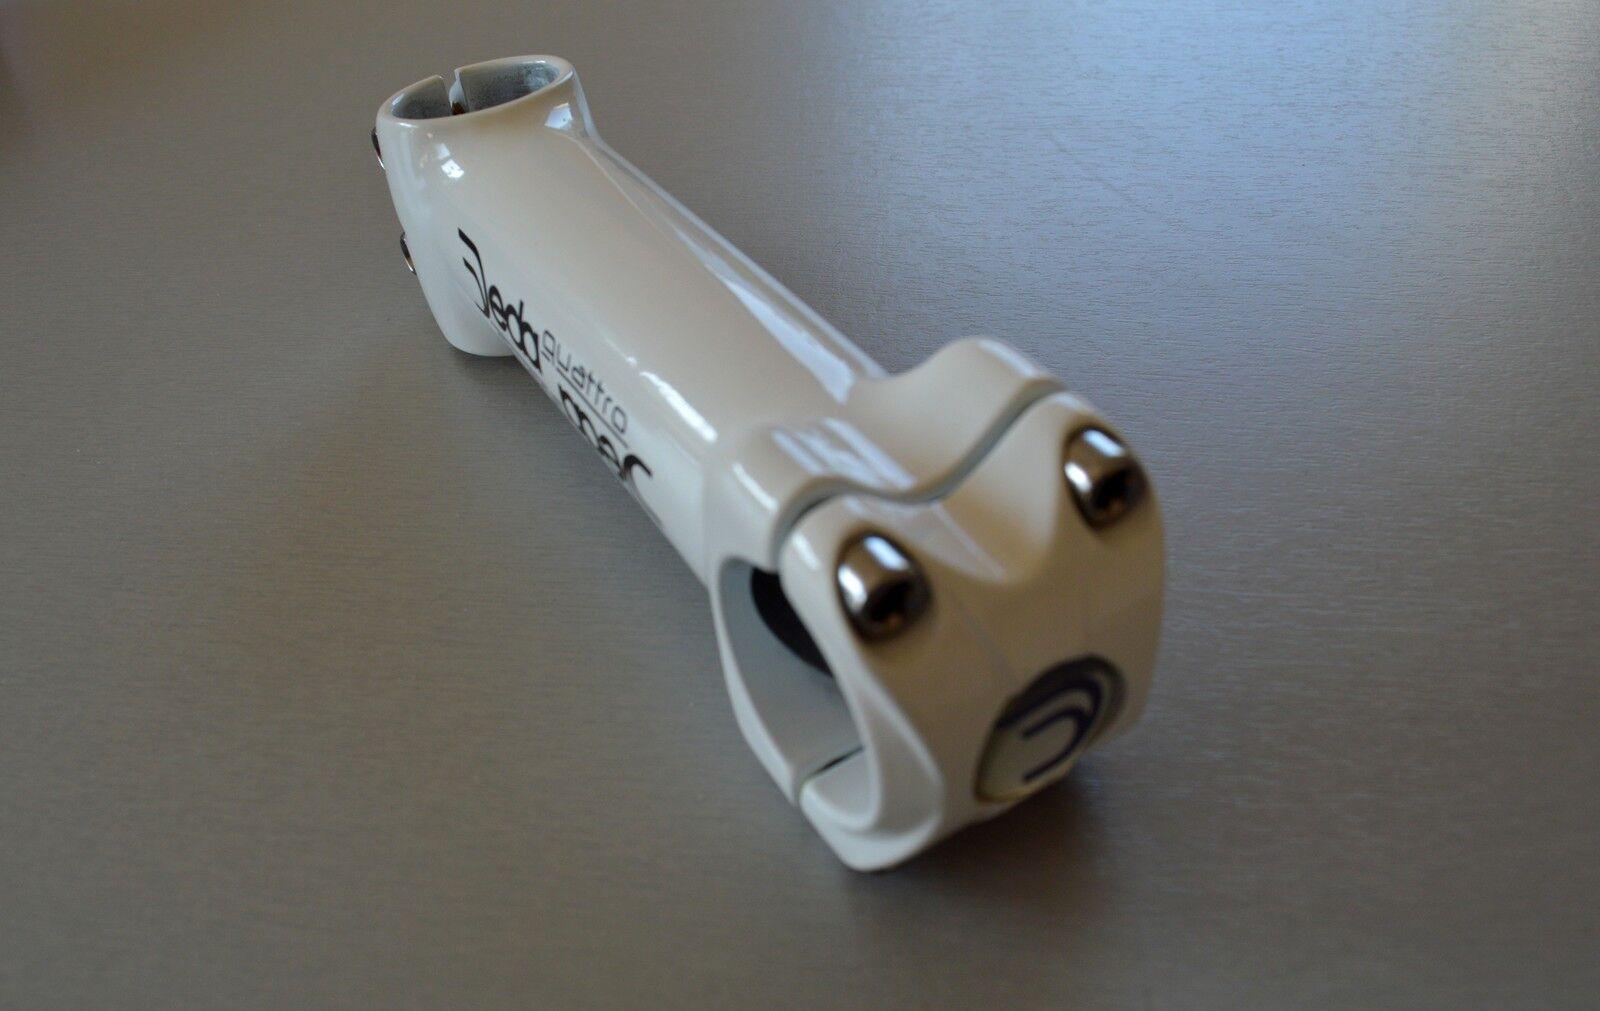 DEDA Quattro weiß weiß weiß Ahead Vorbau 1 1 8  130 mm -6° +6° weiss 31,7 OS 924c14